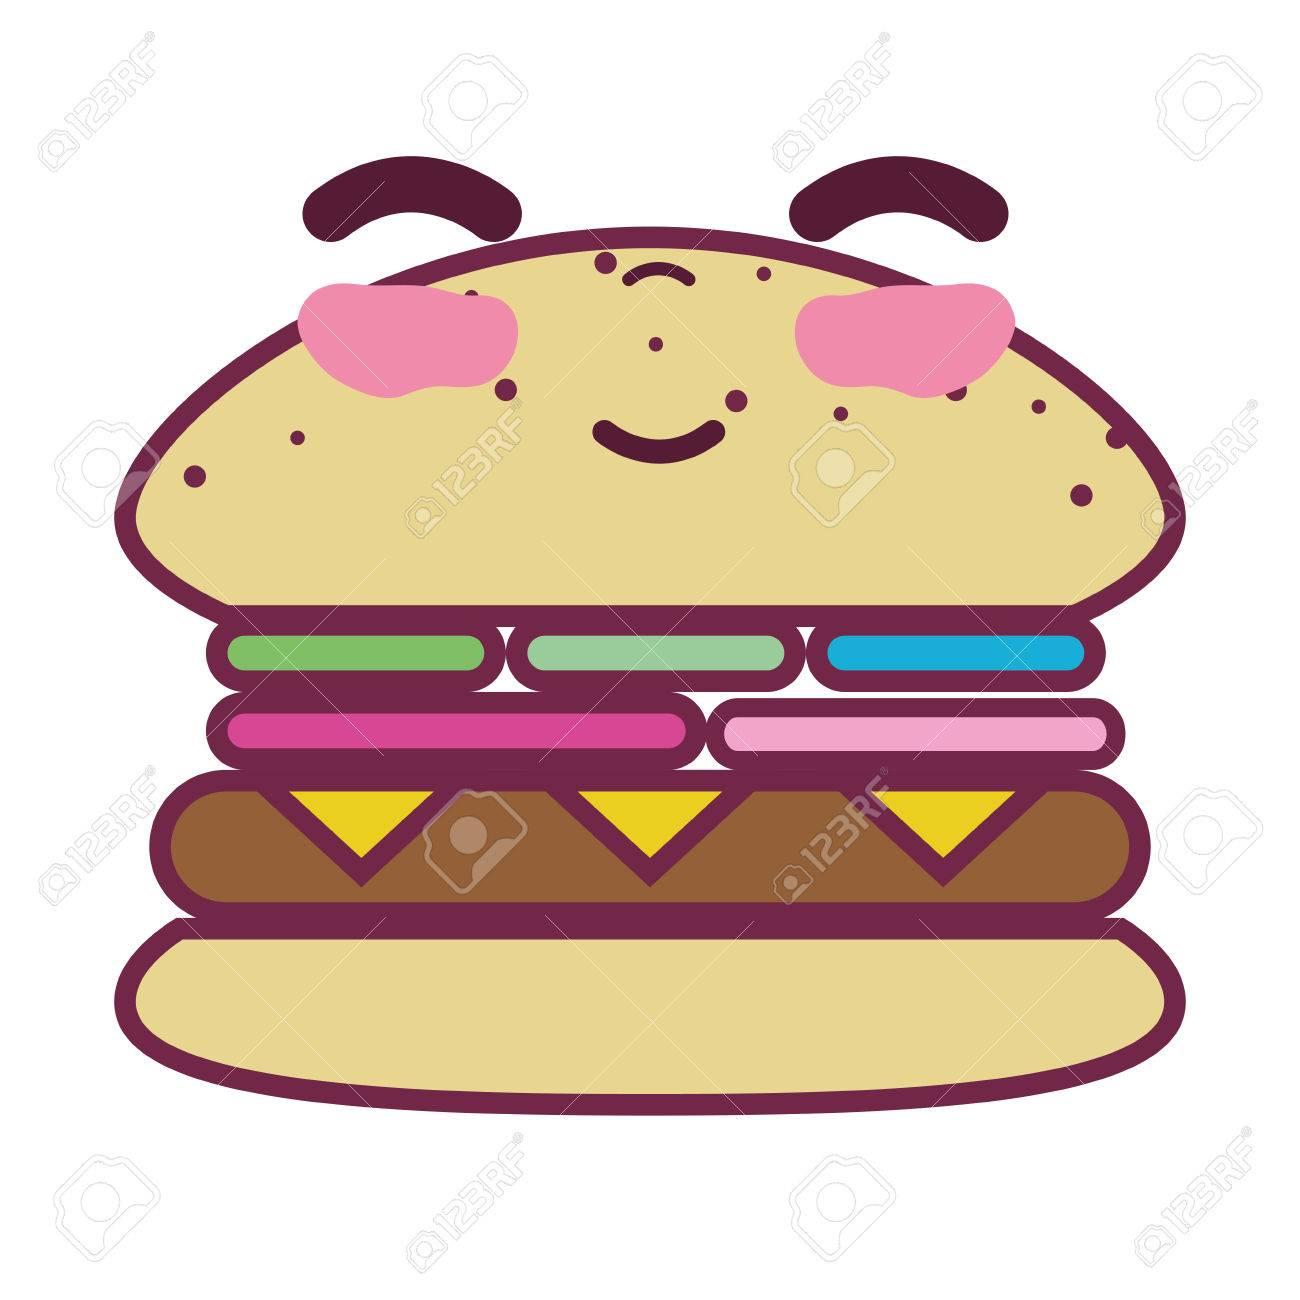 かわいいハッピー ハンバーガー食品のイラスト素材ベクタ Image